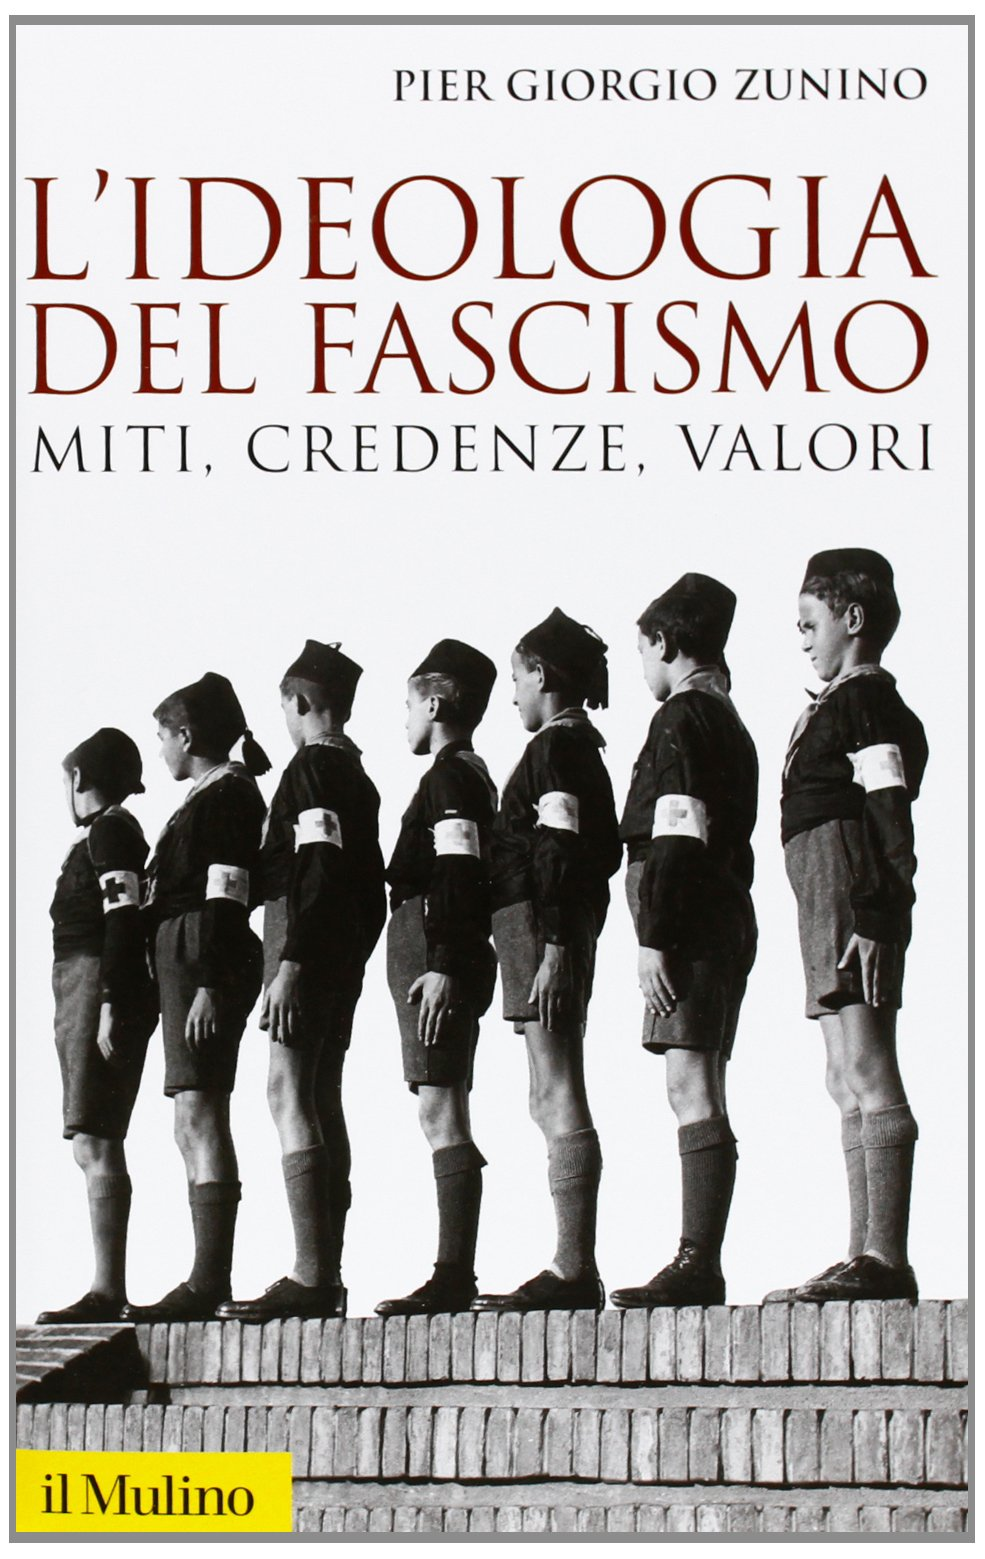 Lideologia del fascismo. Miti, credenze e valori nella stabilizzazione del regime Storica paperbacks: Amazon.es: Zunino, Piergiorgio: Libros en idiomas extranjeros